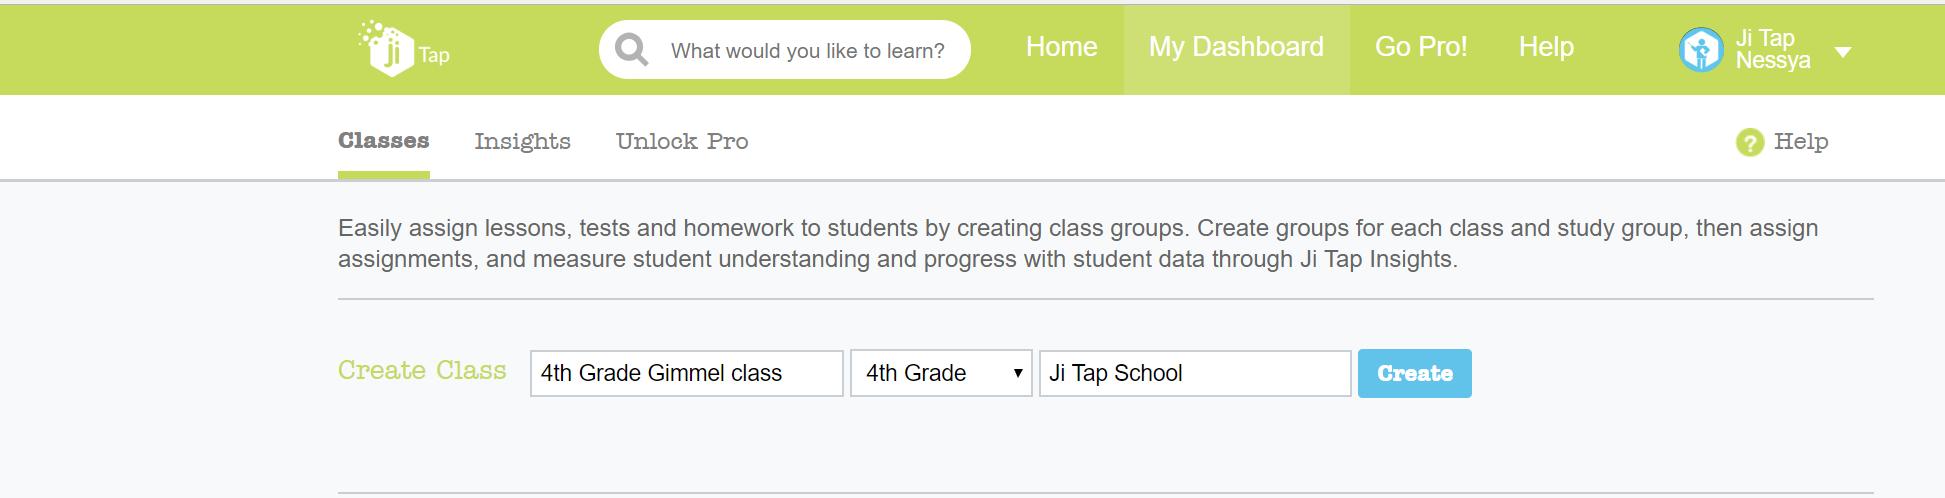 All teachers should create a class in Ji Tap